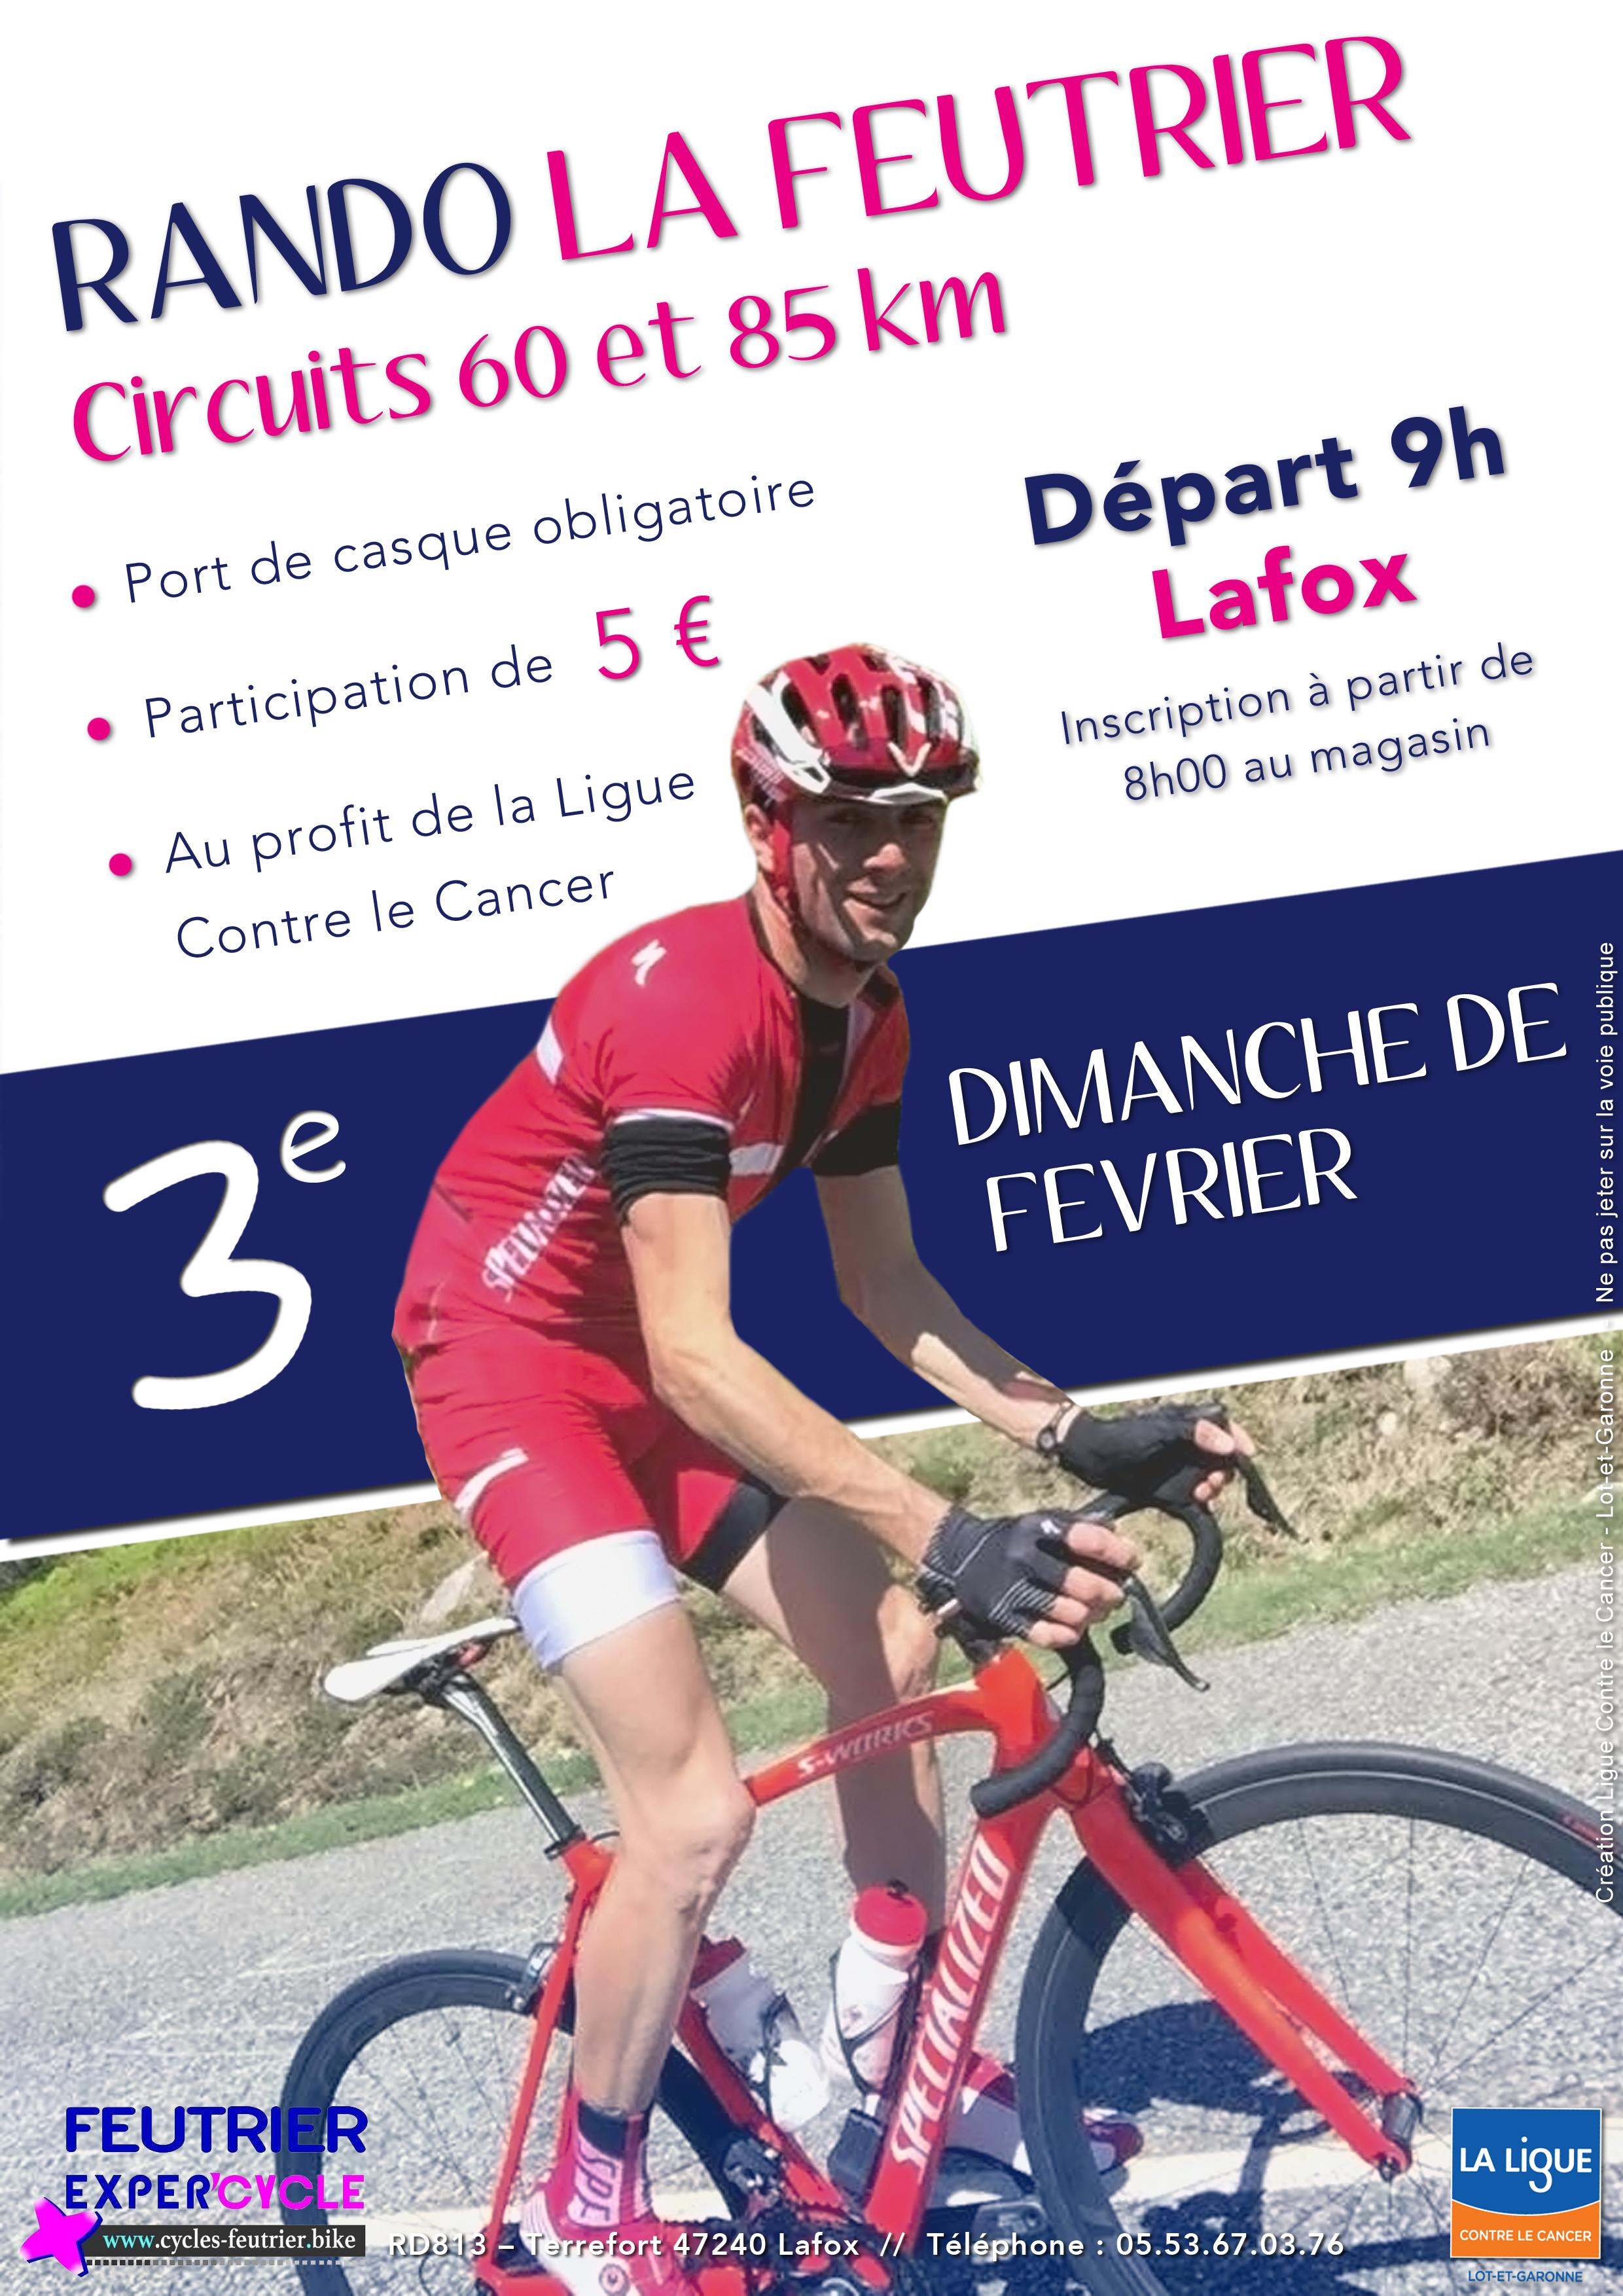 Calendrier Randonnee Pedestre Lot Et Garonne.Randonnee La Andre Feutrier 2017 Ligue Contre Le Cancer